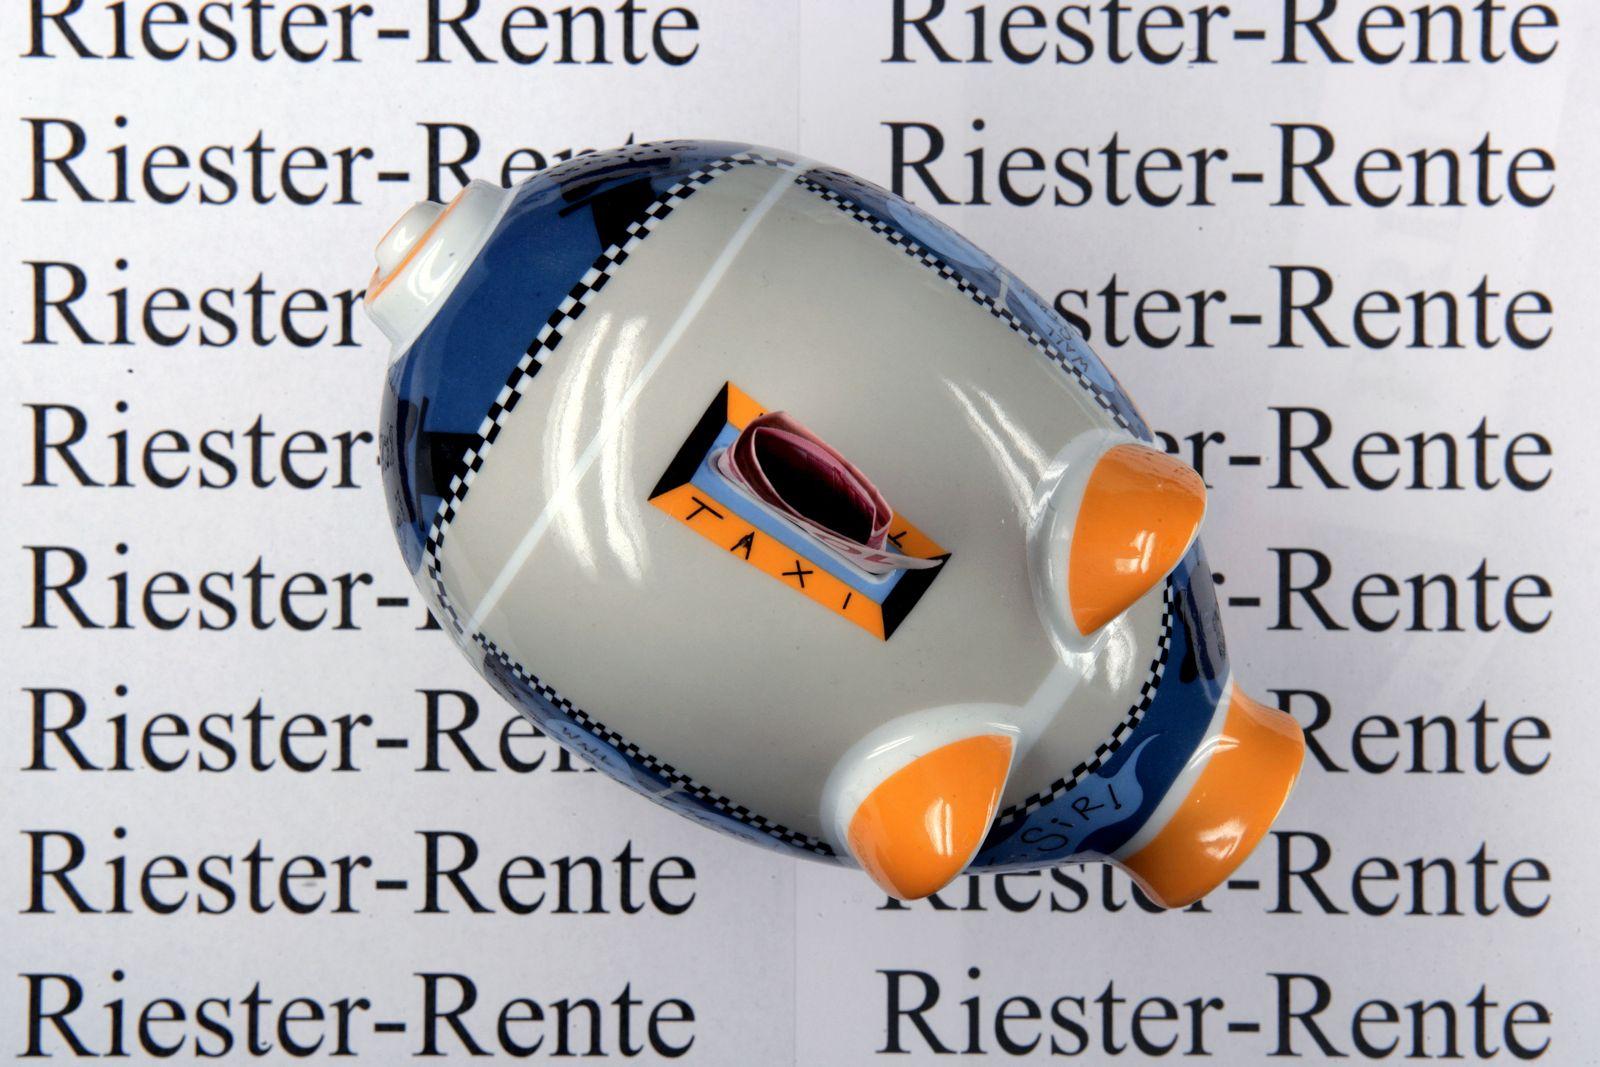 Riester-Rente / Sparschwein